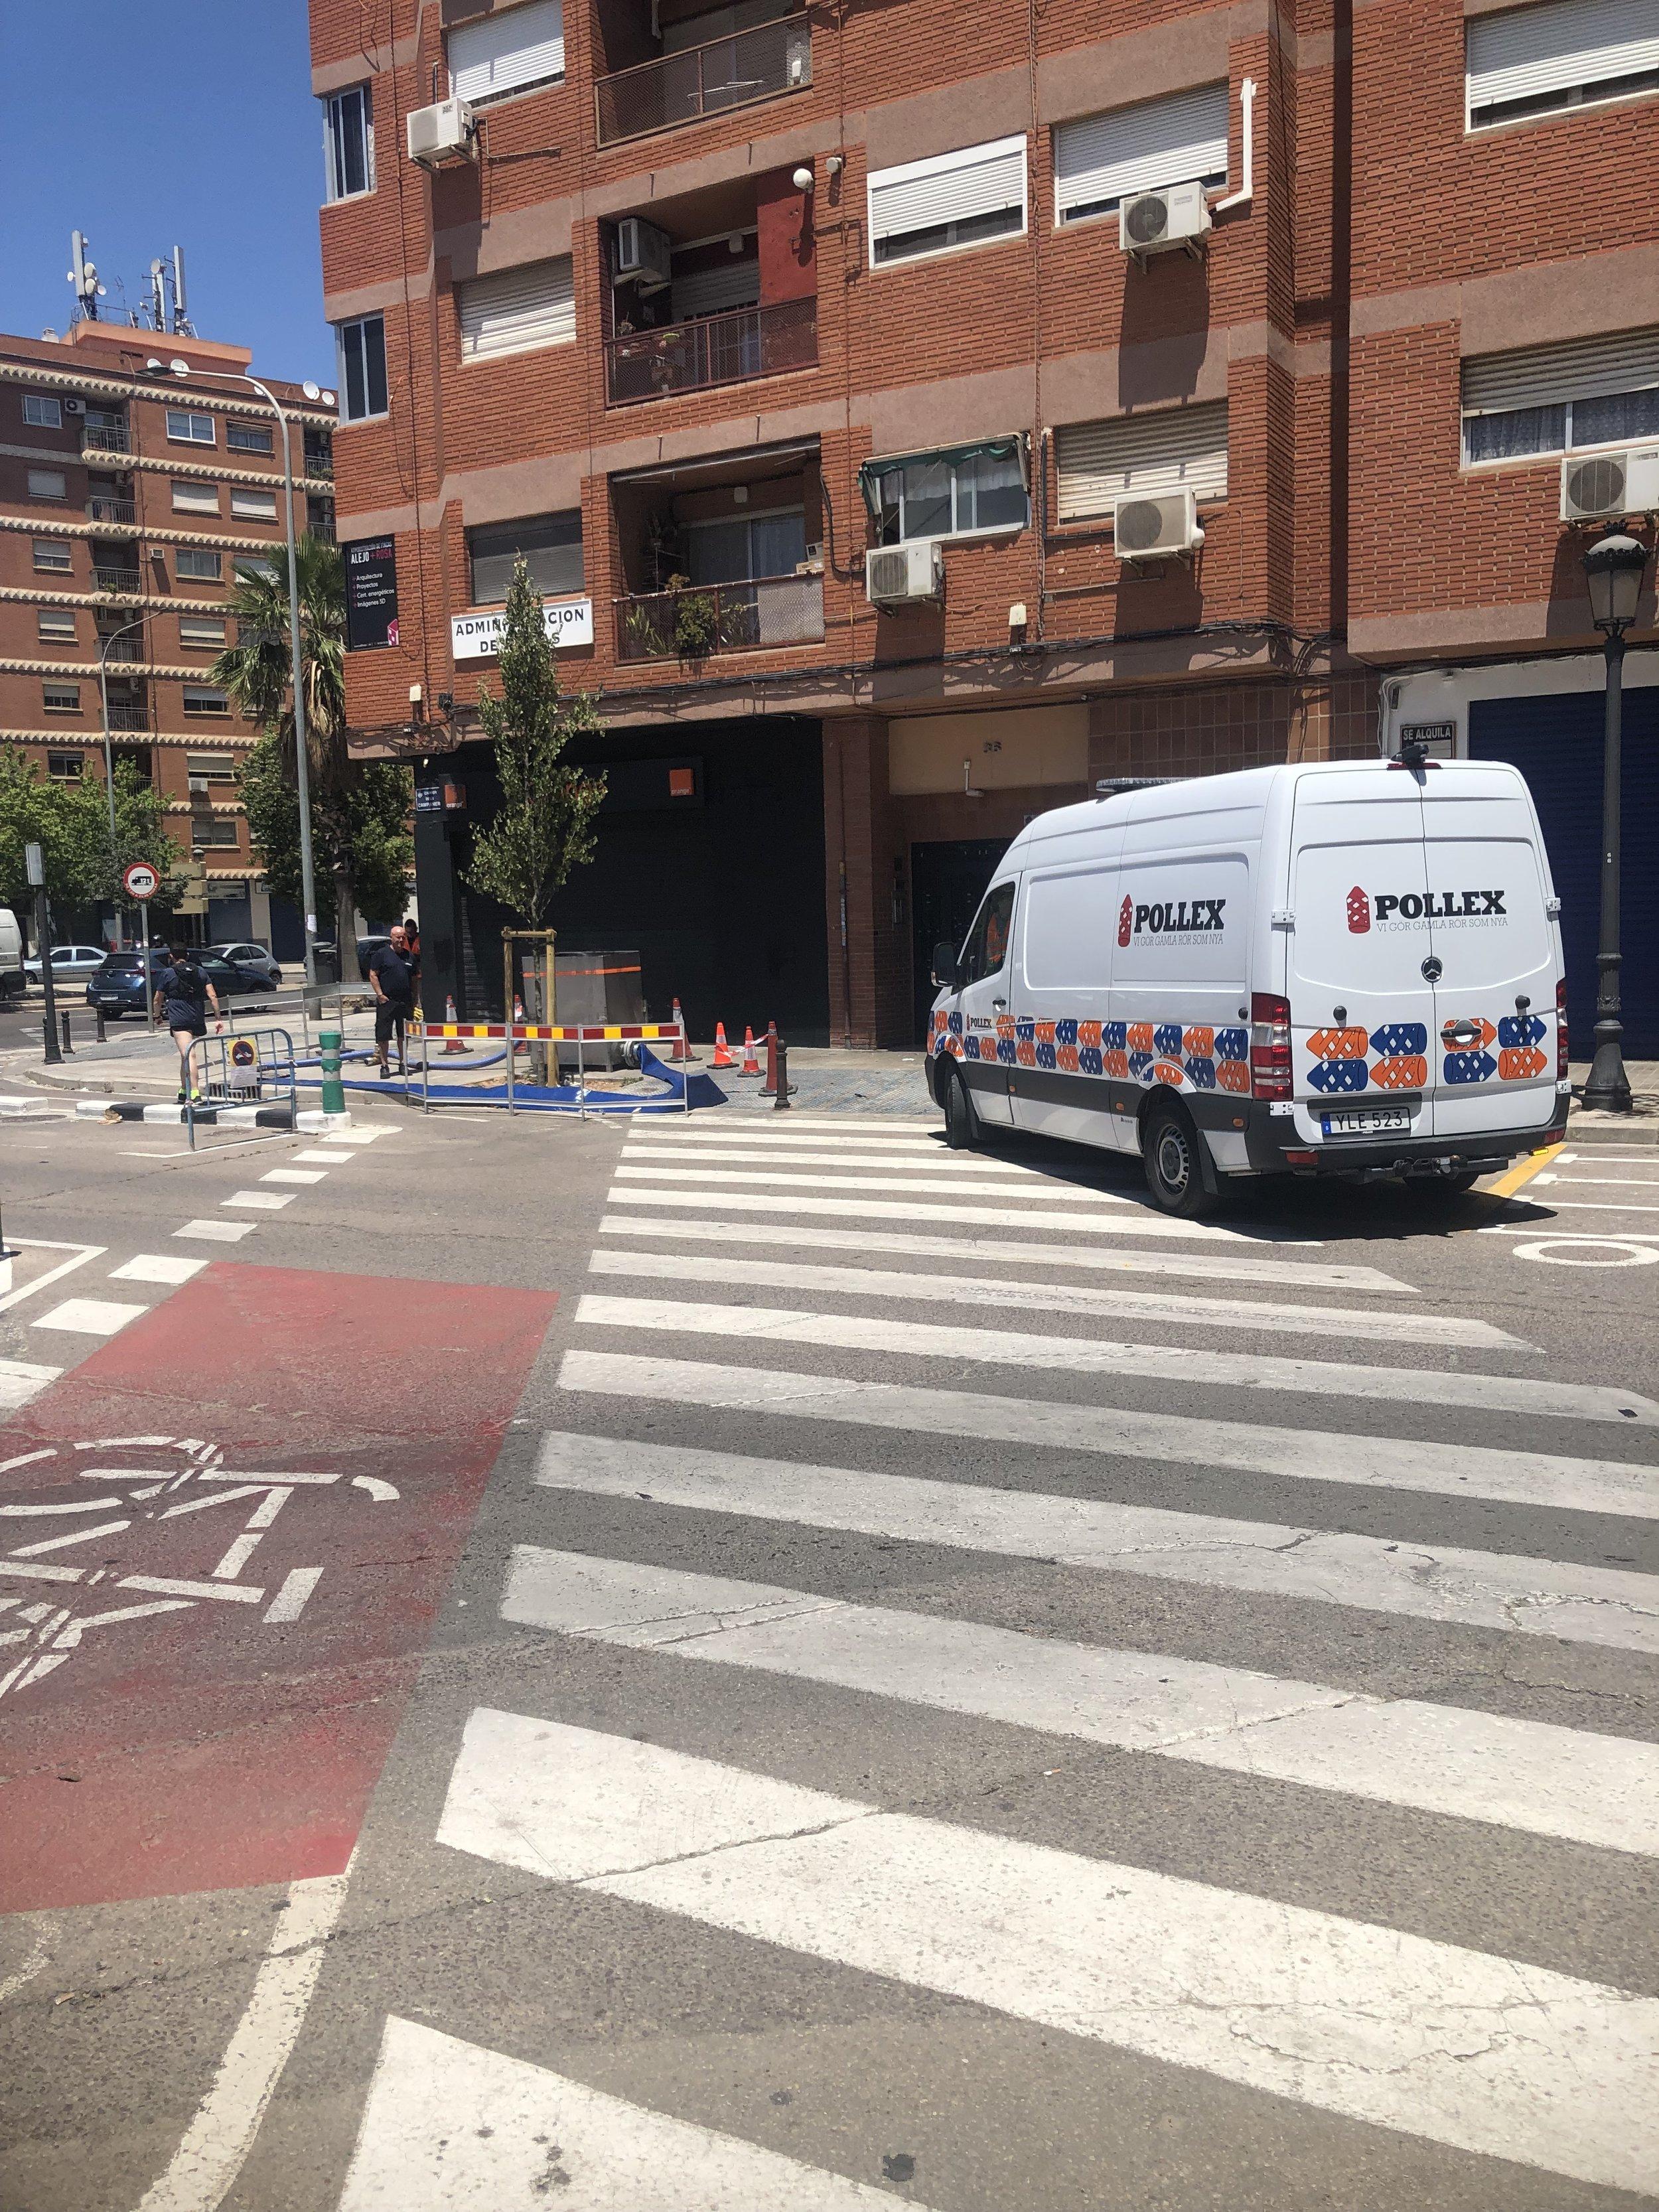 Pollex-LoV-Spanien-2019-11.jpg